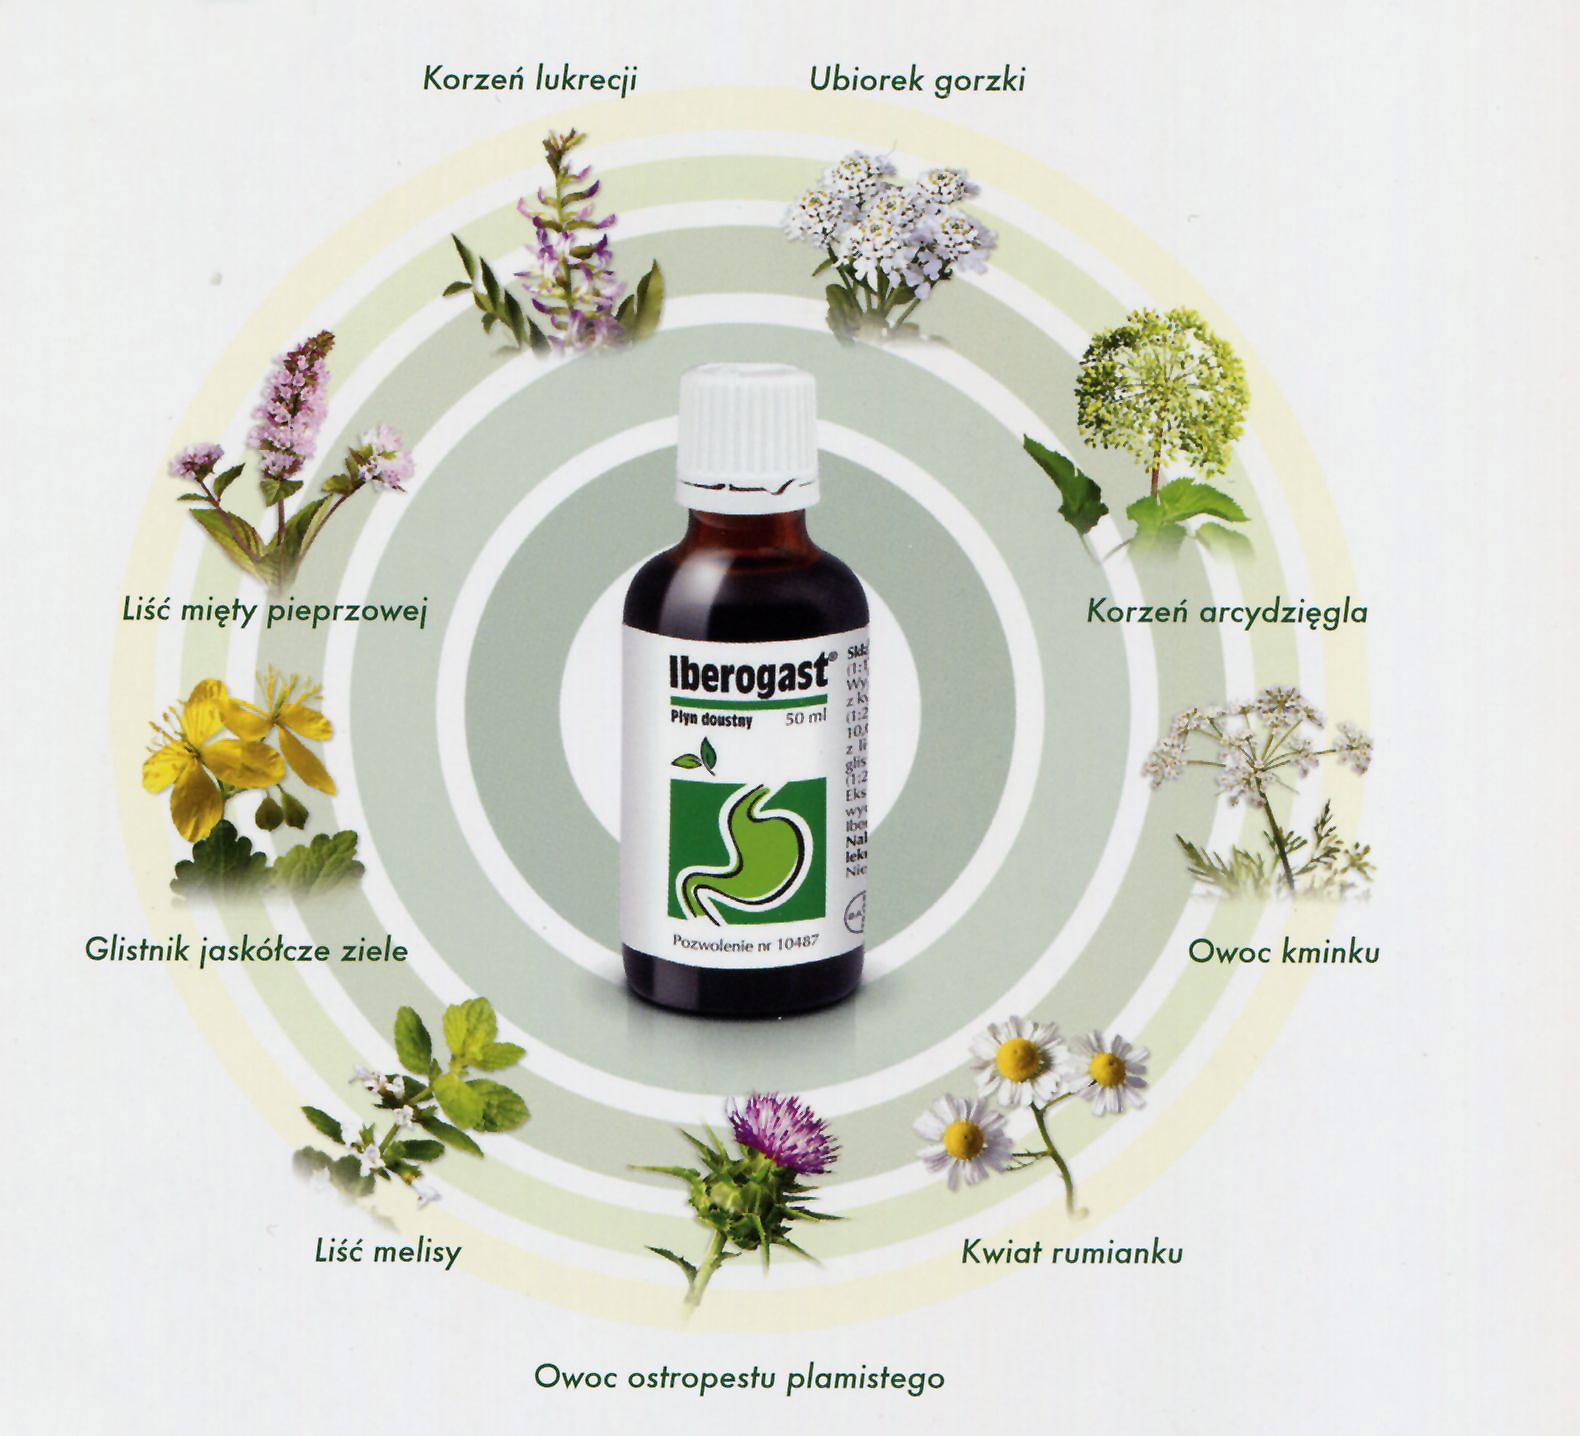 Iberogast zioła poprawiające trawienie